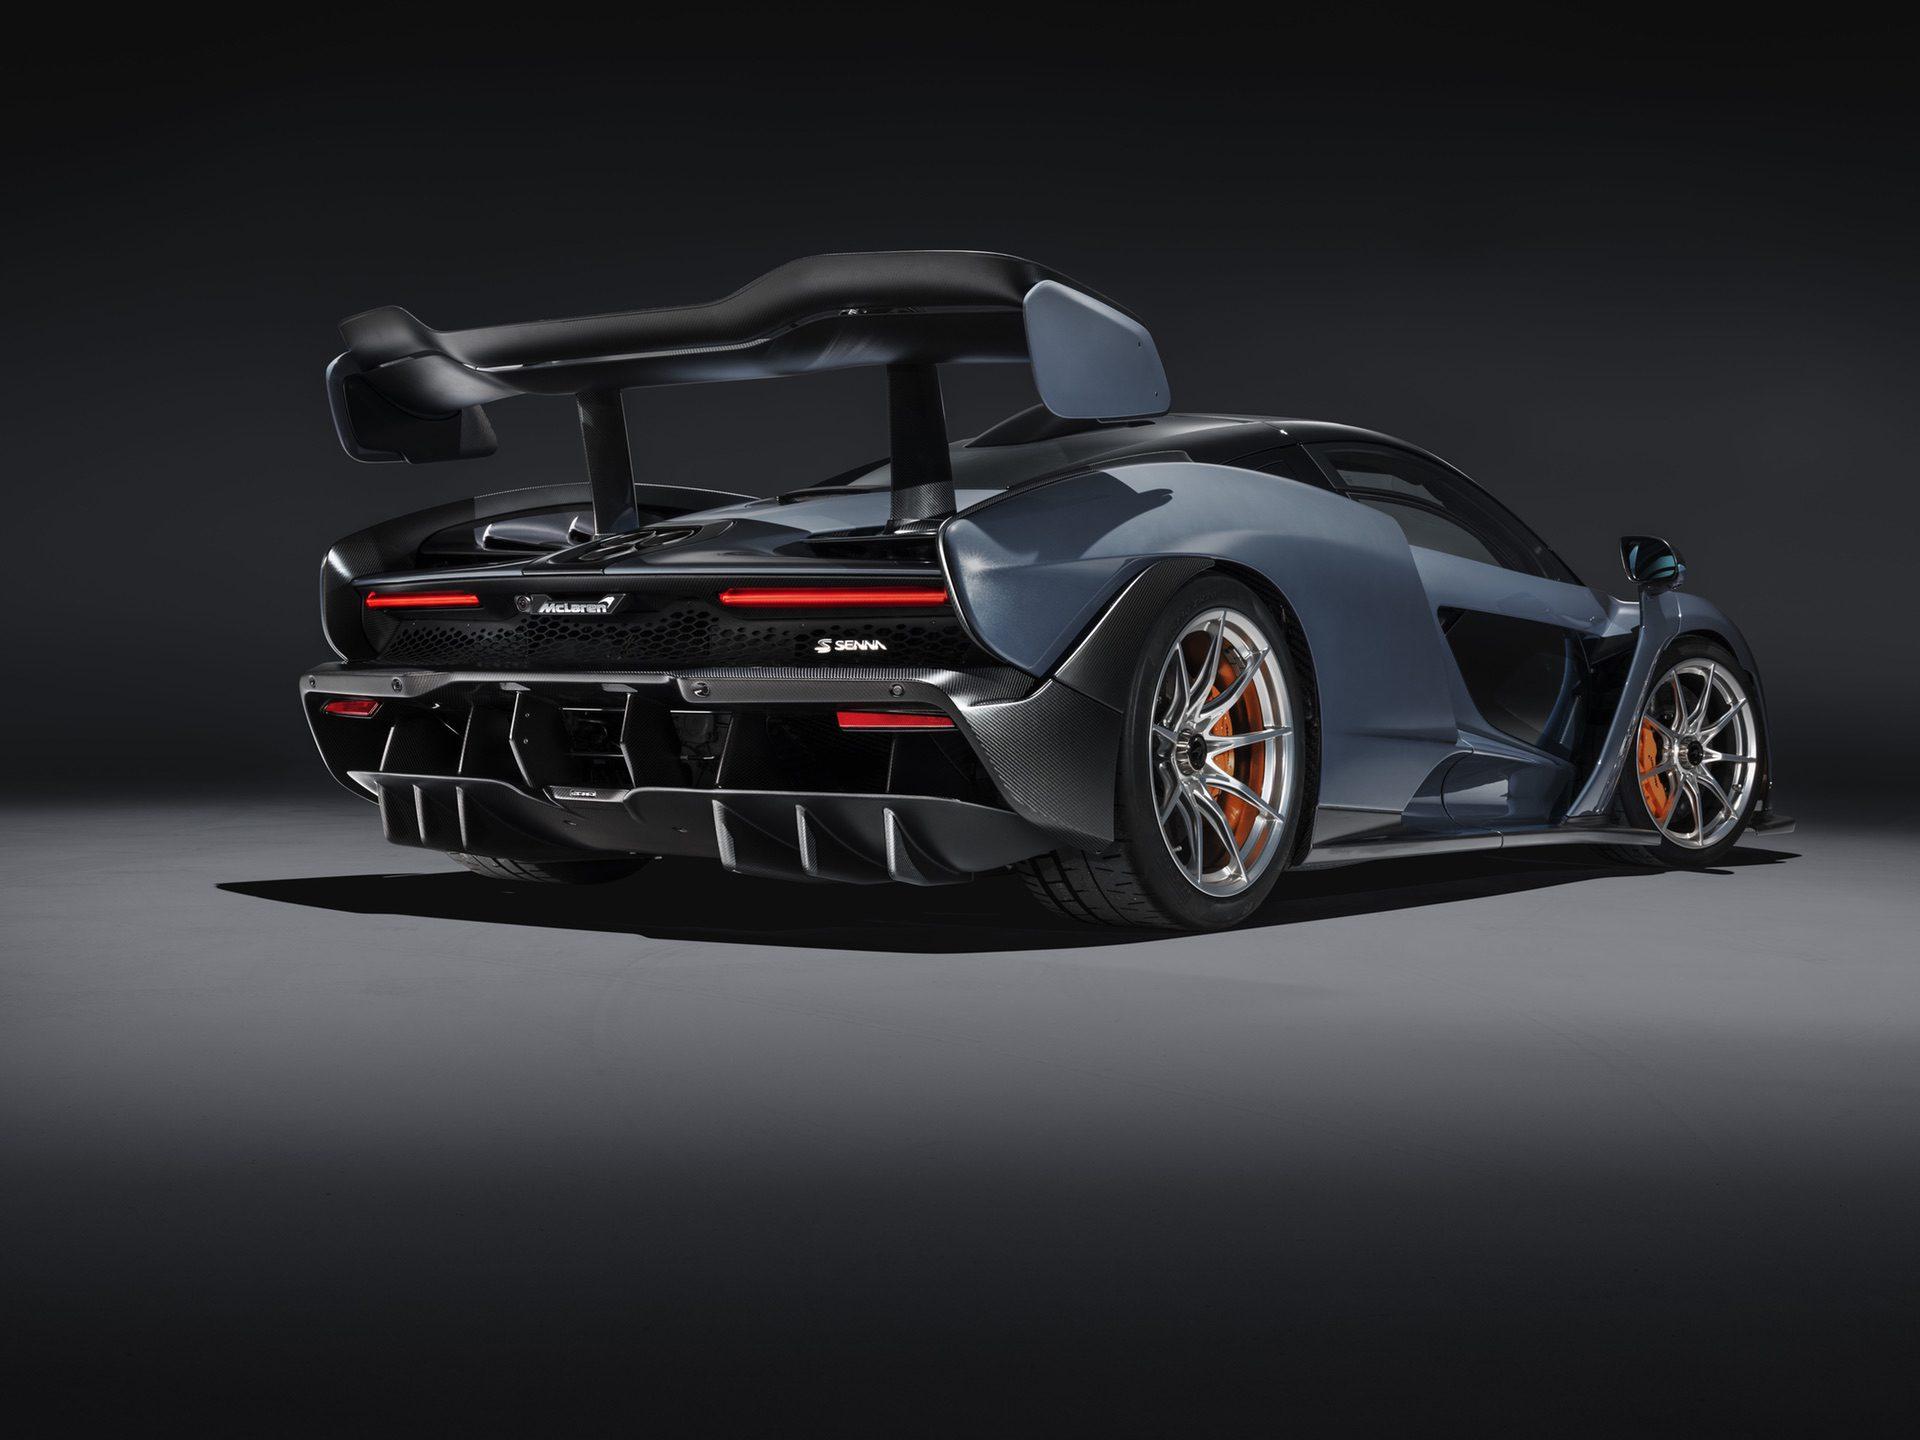 2018_McLaren_Senna_0009